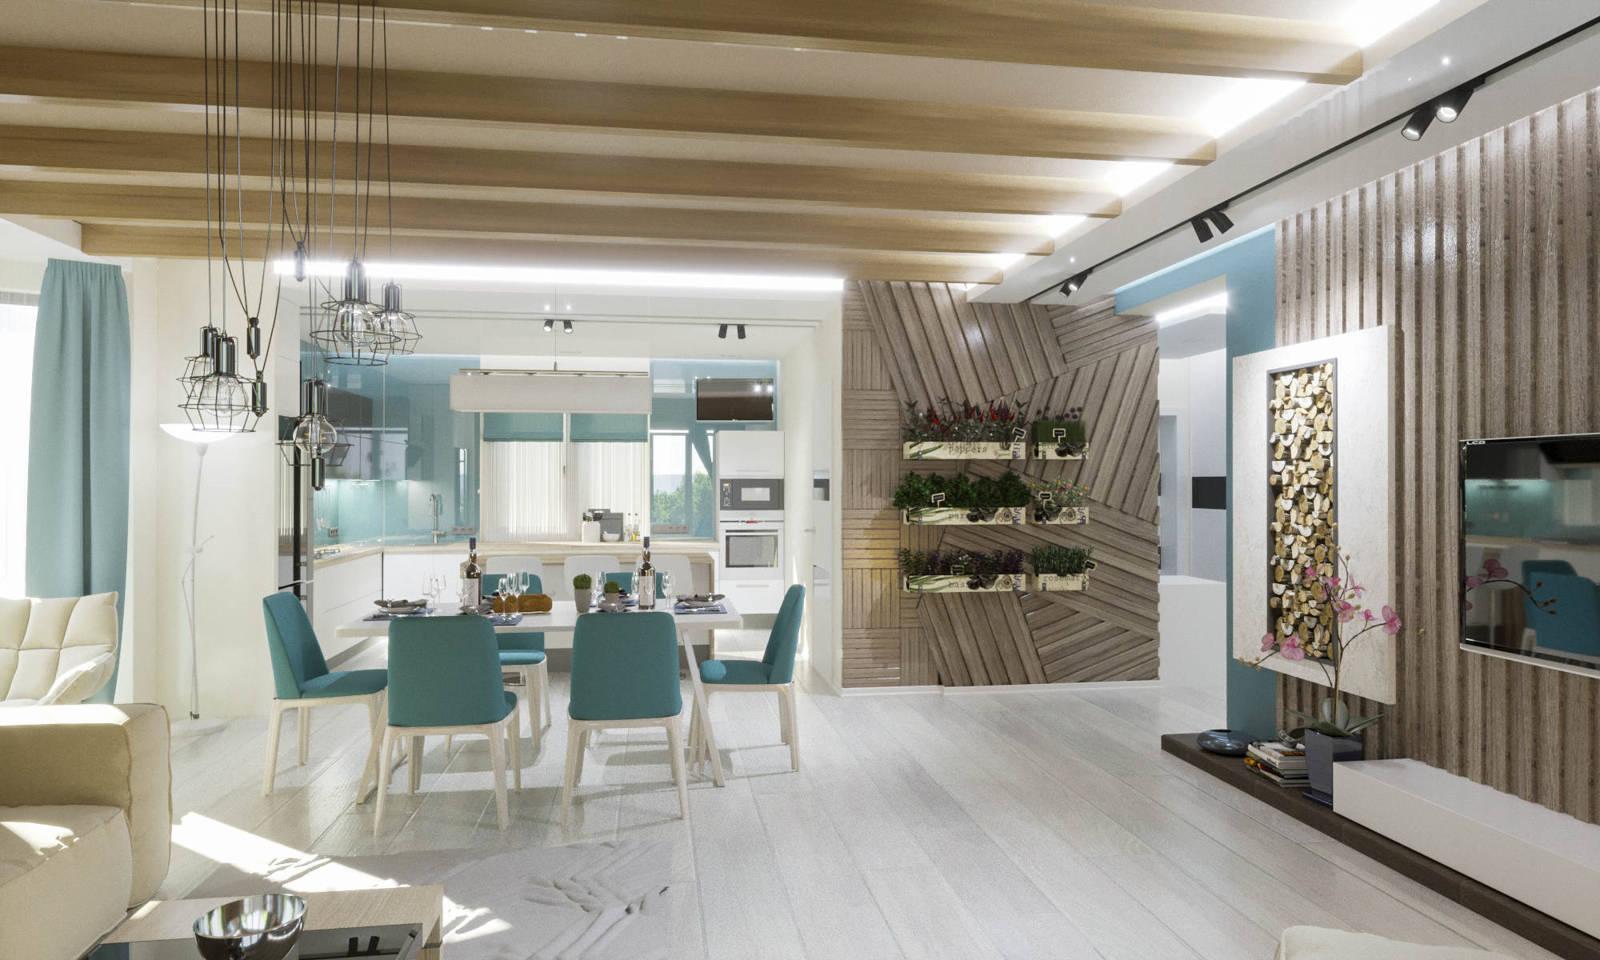 Дизайн итерьера гостинной фото Киев. Панели дерево на стенах